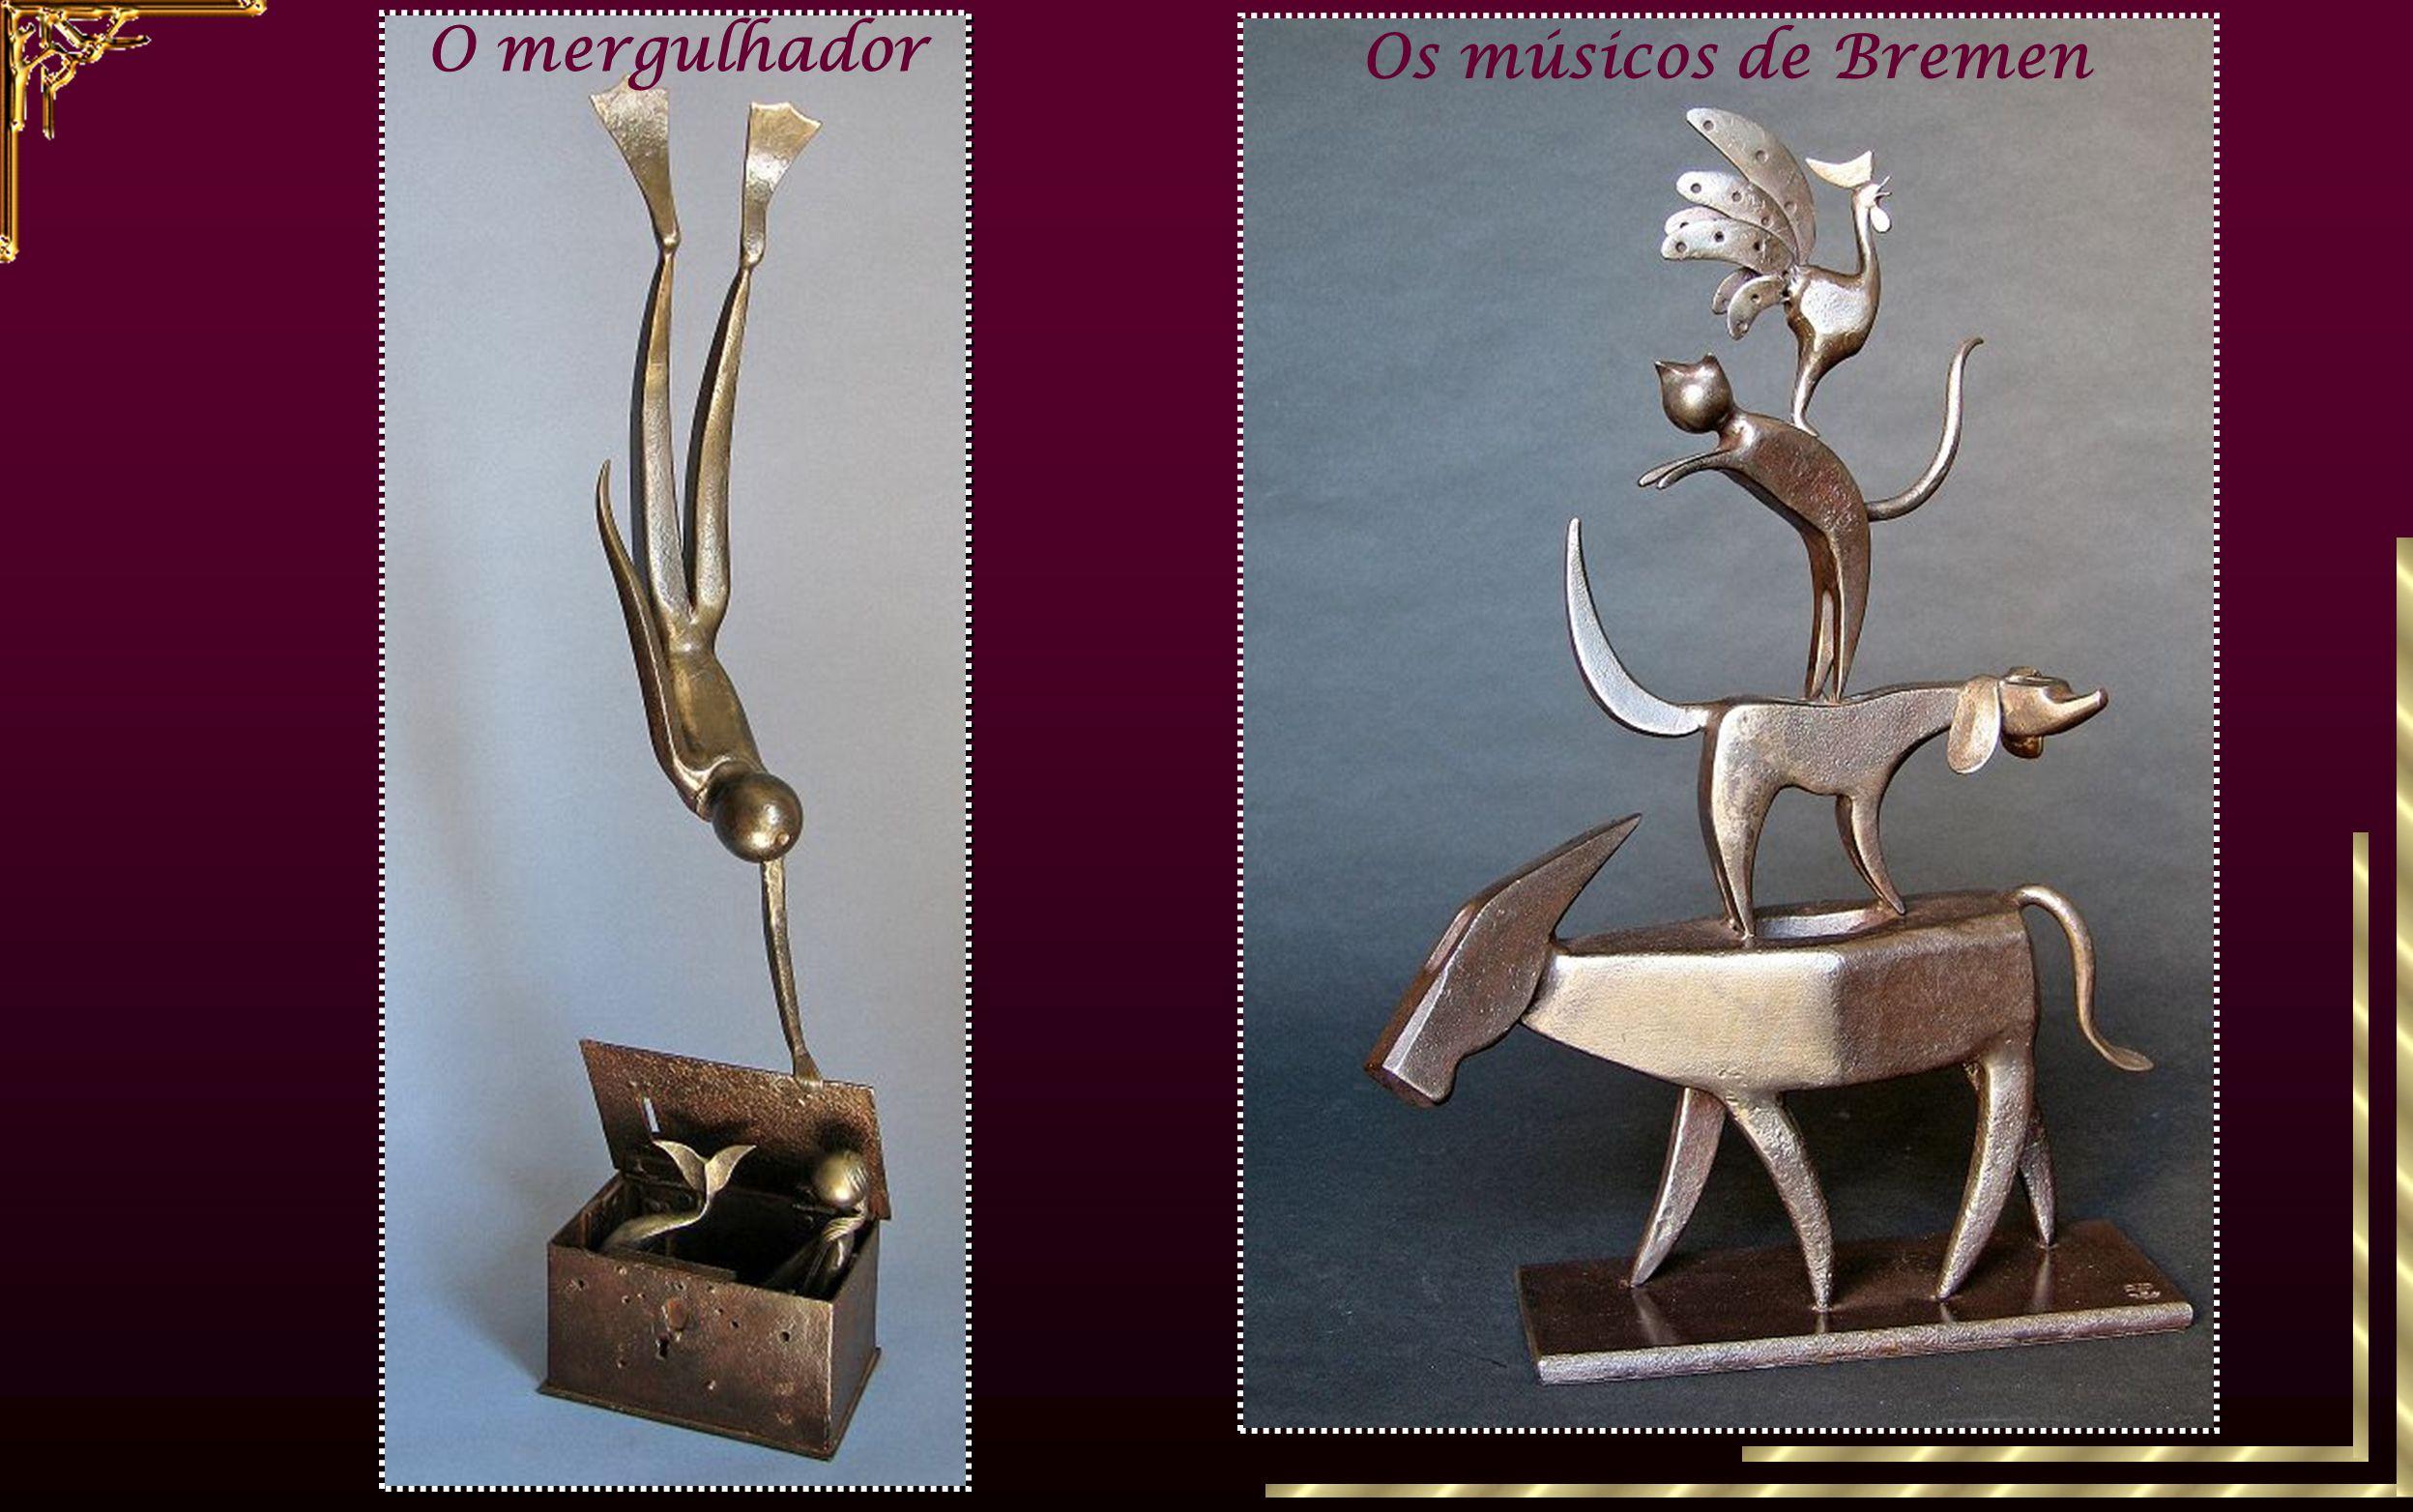 ferramentas antigas objectos de ferro O escultor encontra a sua inspiração em ferramentas antigas ou em objectos de ferro que ele transforma, por mont